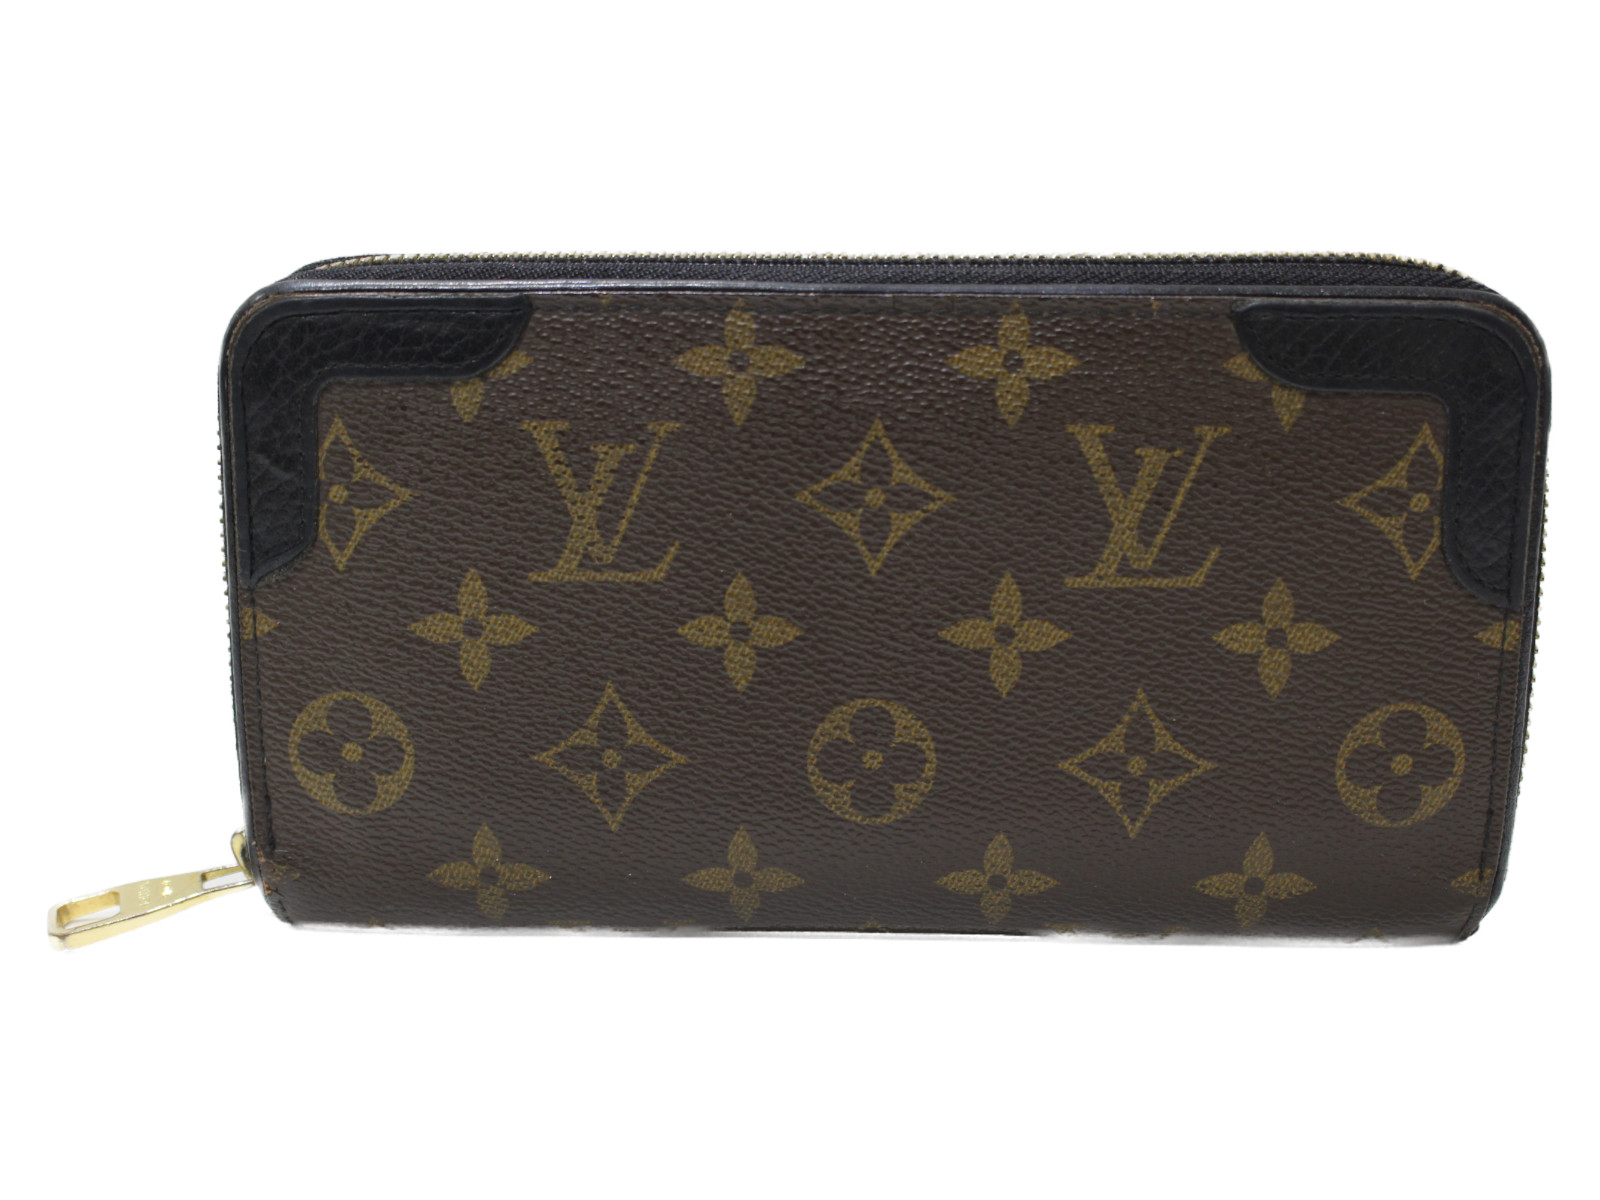 【布袋あり】LOUIS VUITTON ジッピー・ウォレットレティーロ M61855 モノグラム レディース メンズ ユニセックス 長財布 ウォレット プレゼント包装可 【中古】